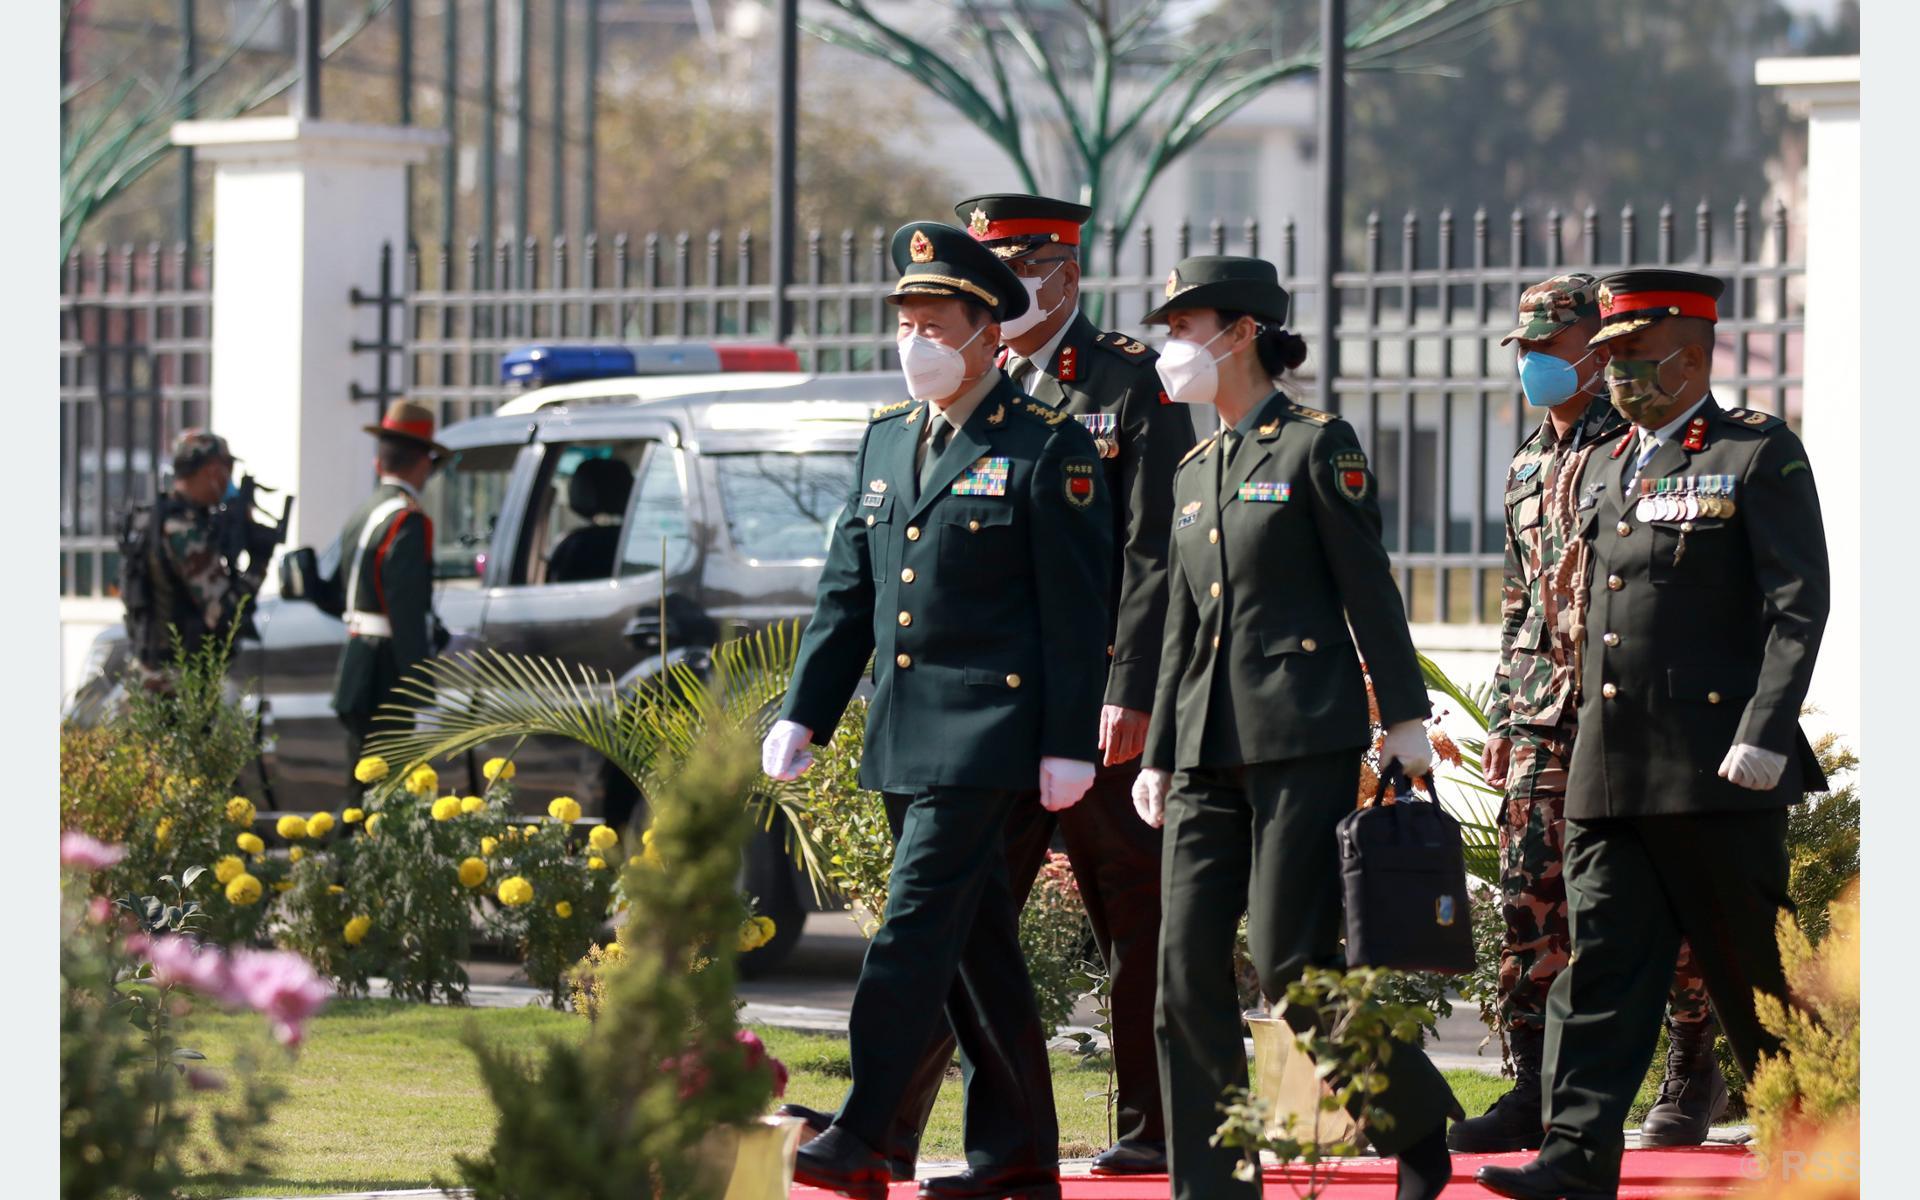 चीनद्वारा पाँच करोड युआन बराबरको अतिरिक्त सैन्य सहयोगको घोषणा